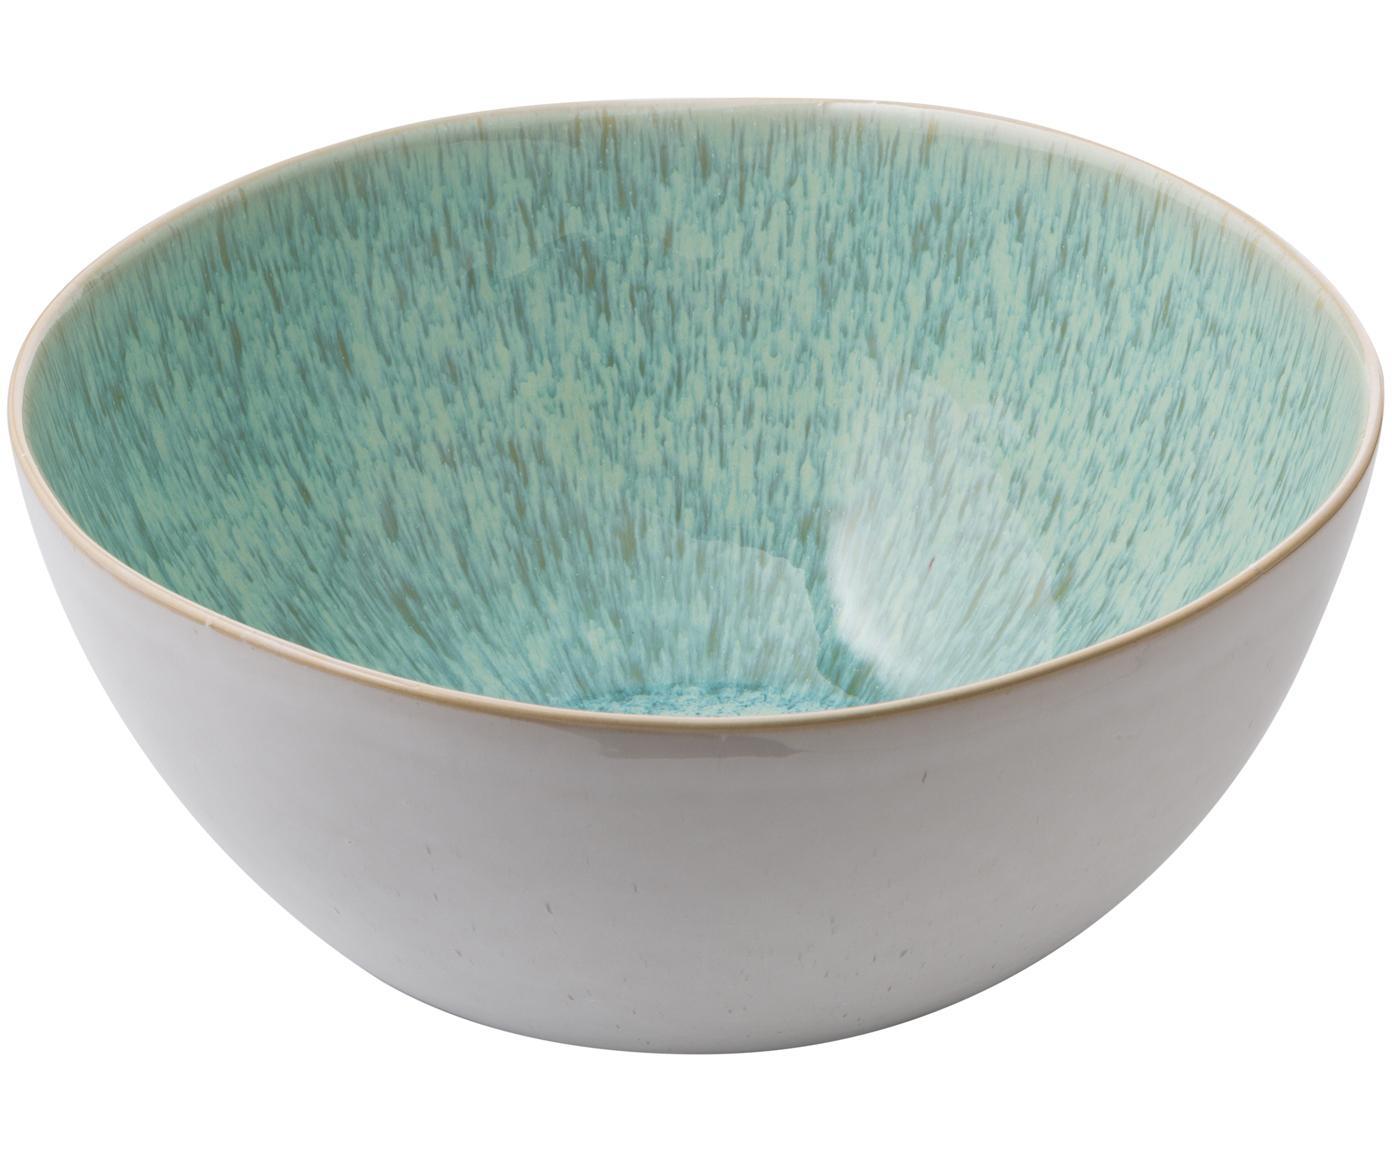 Ensaladera pintada a mano Areia, Gres, Menta, blanco crudo, beige, Ø 26 x Al 12 cm